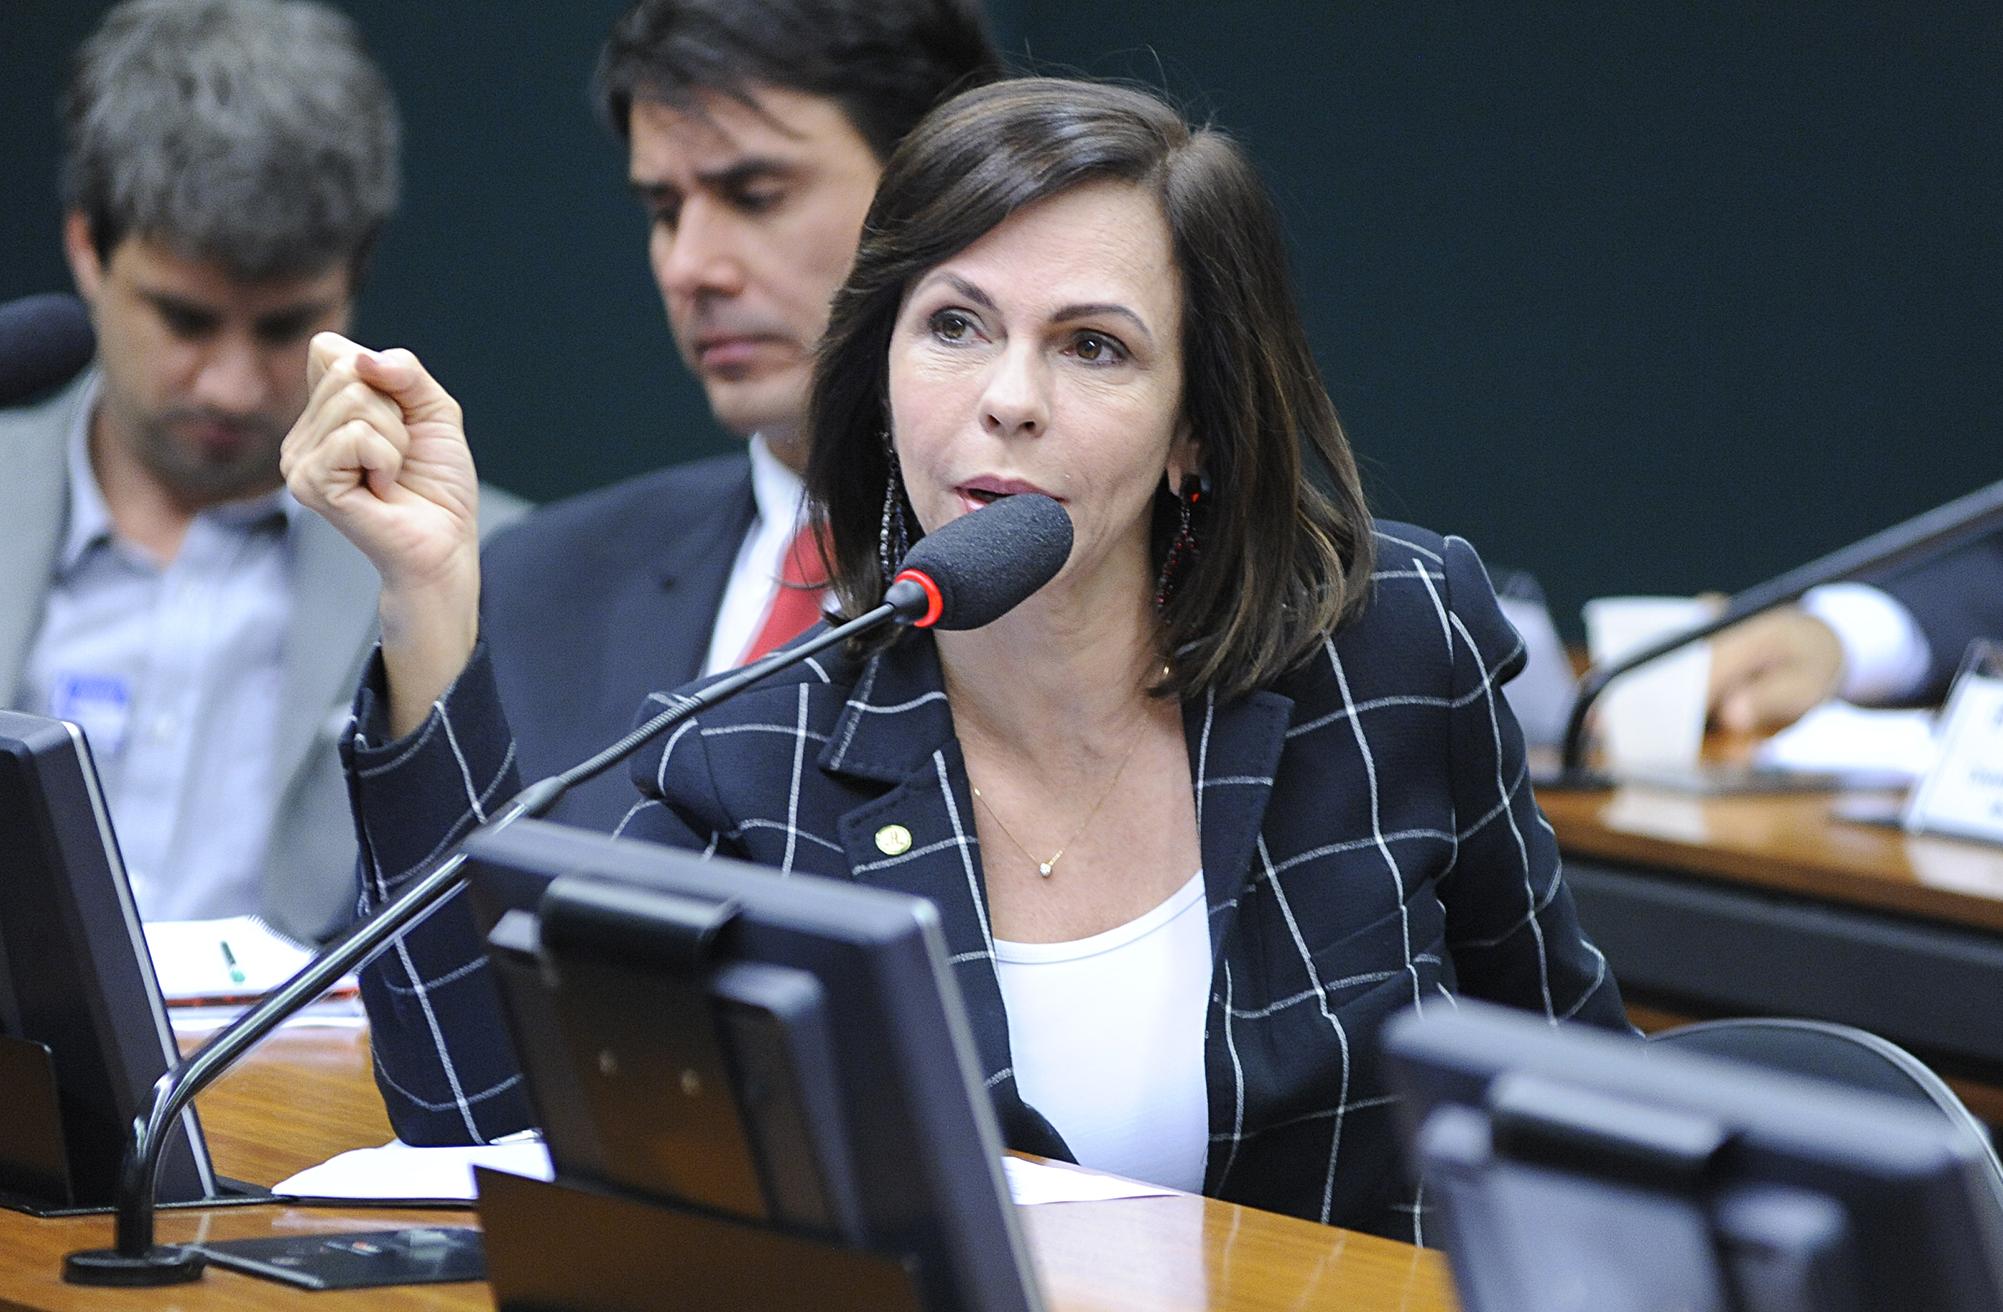 Audiência pública sobre o futebol de base no Brasil. Dep. professora Dorinha Seabra Rezende (DEM-TO)